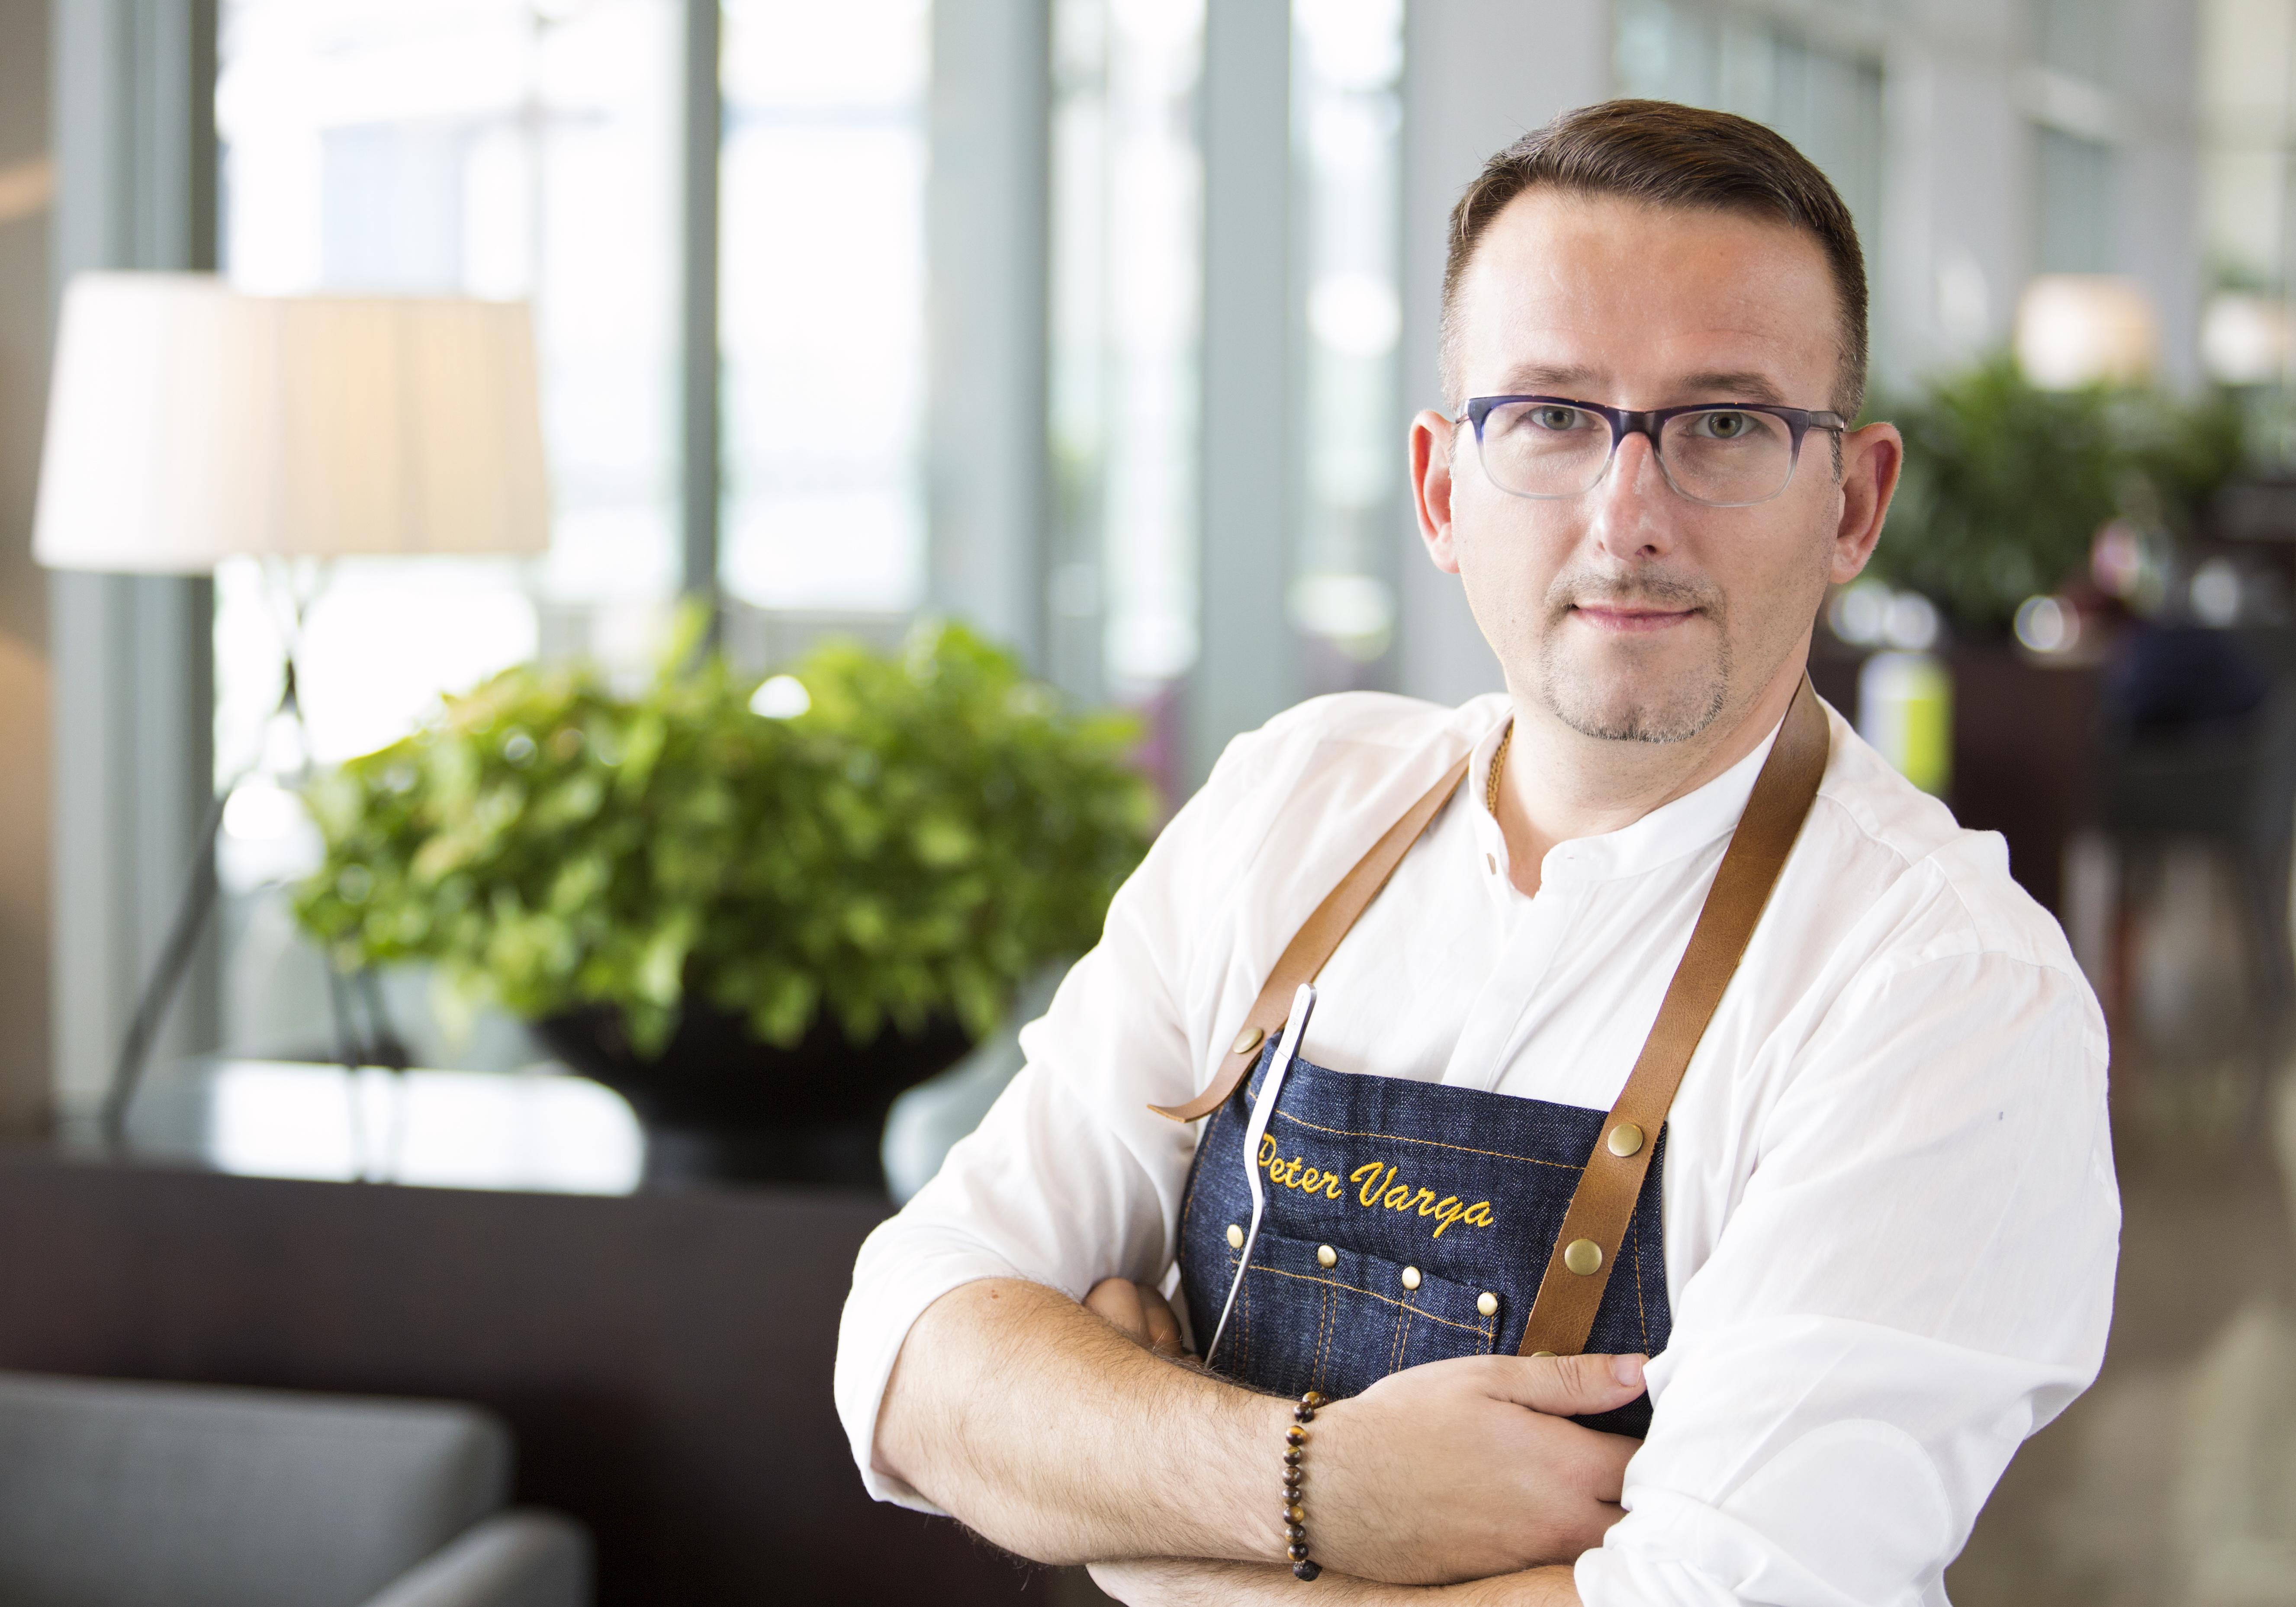 Peter Varga, šéfkuchár z Dublinu